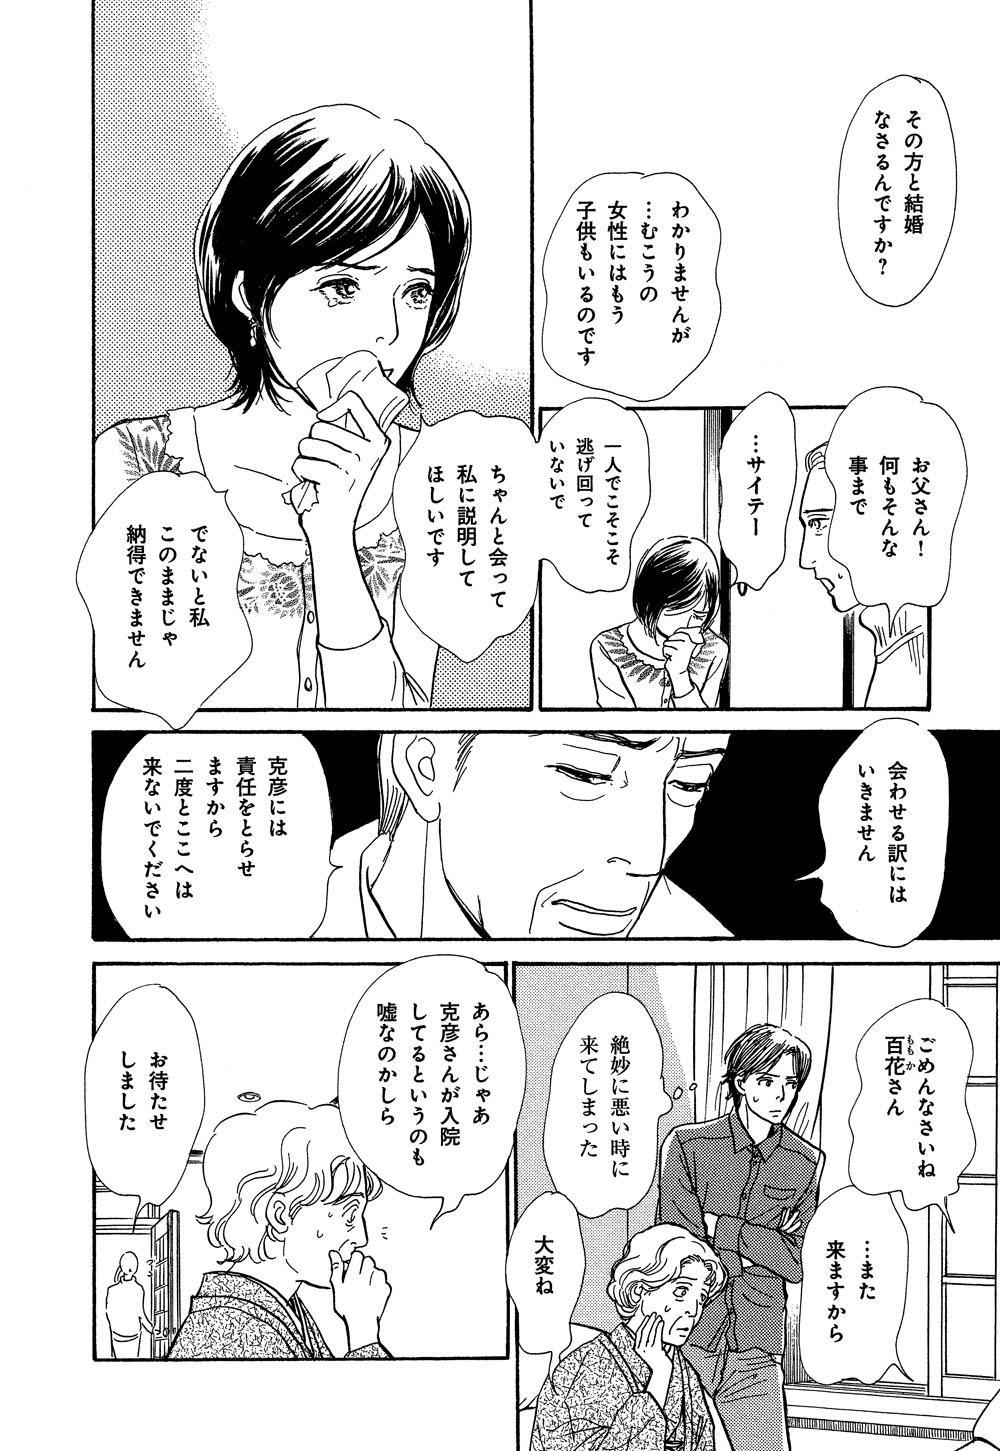 hyakki_0021_0026.jpg